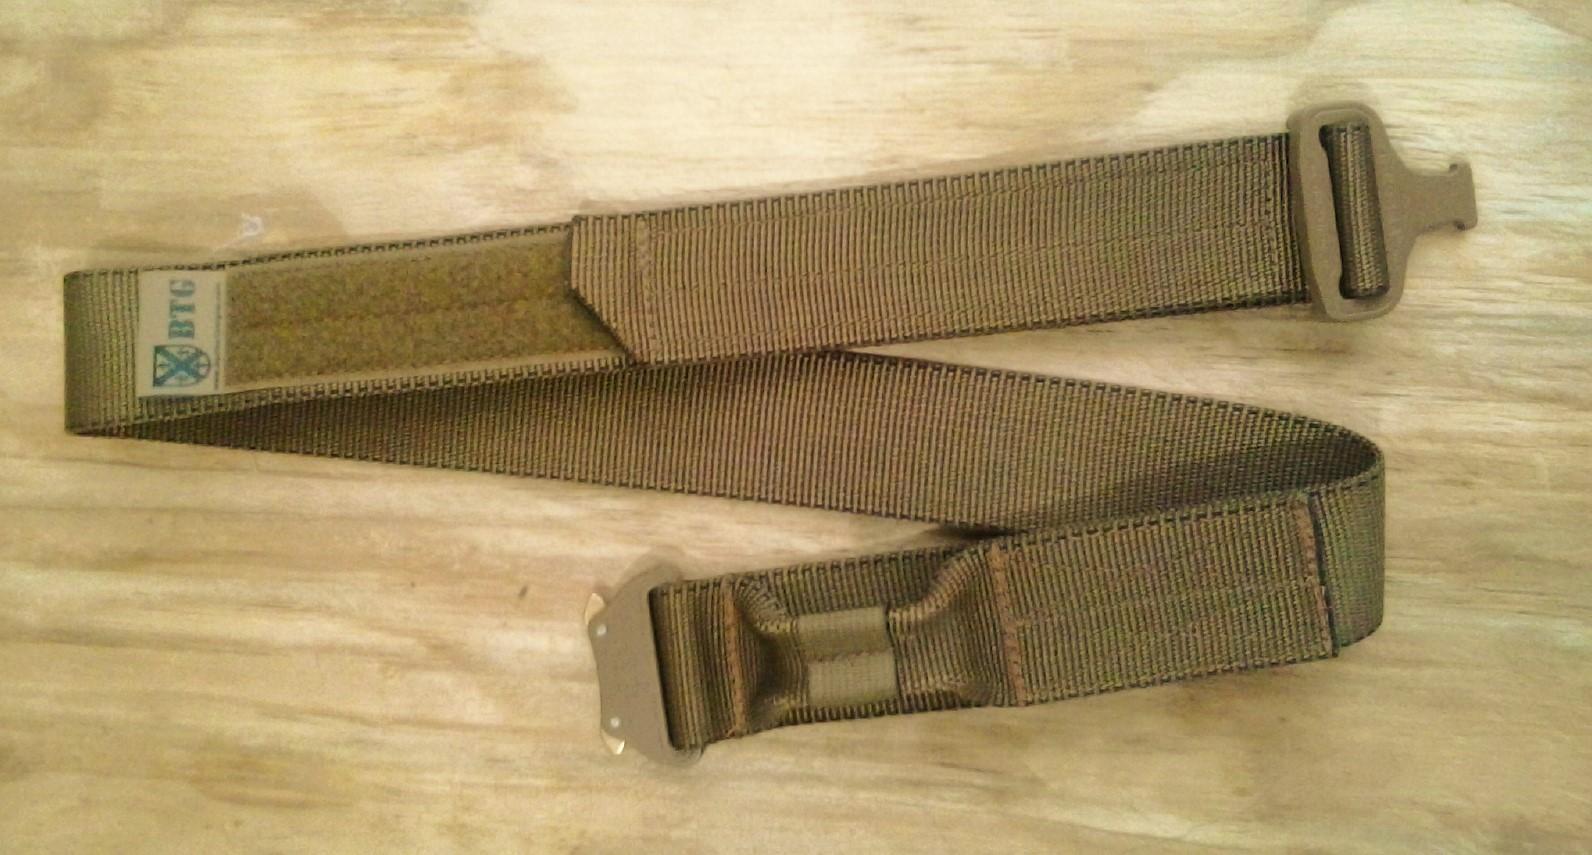 Cinturon con Cobra buckle